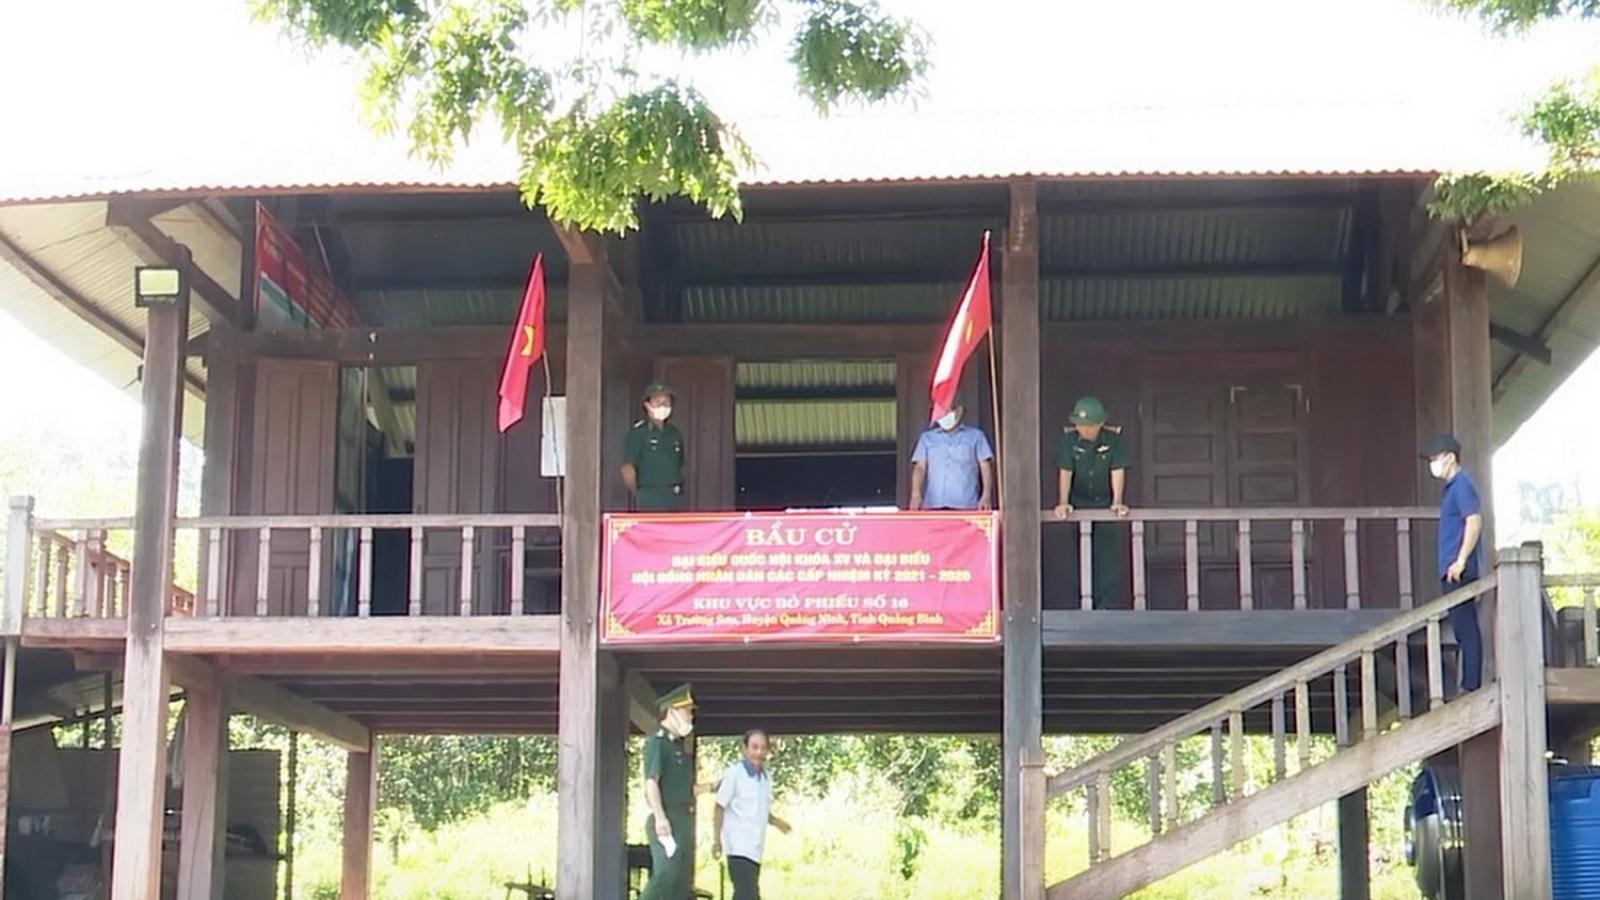 Quảng Bình chuẩn bị bầu cử sớm tại các xã miền núi, biên giới vào ngày mai 21/5